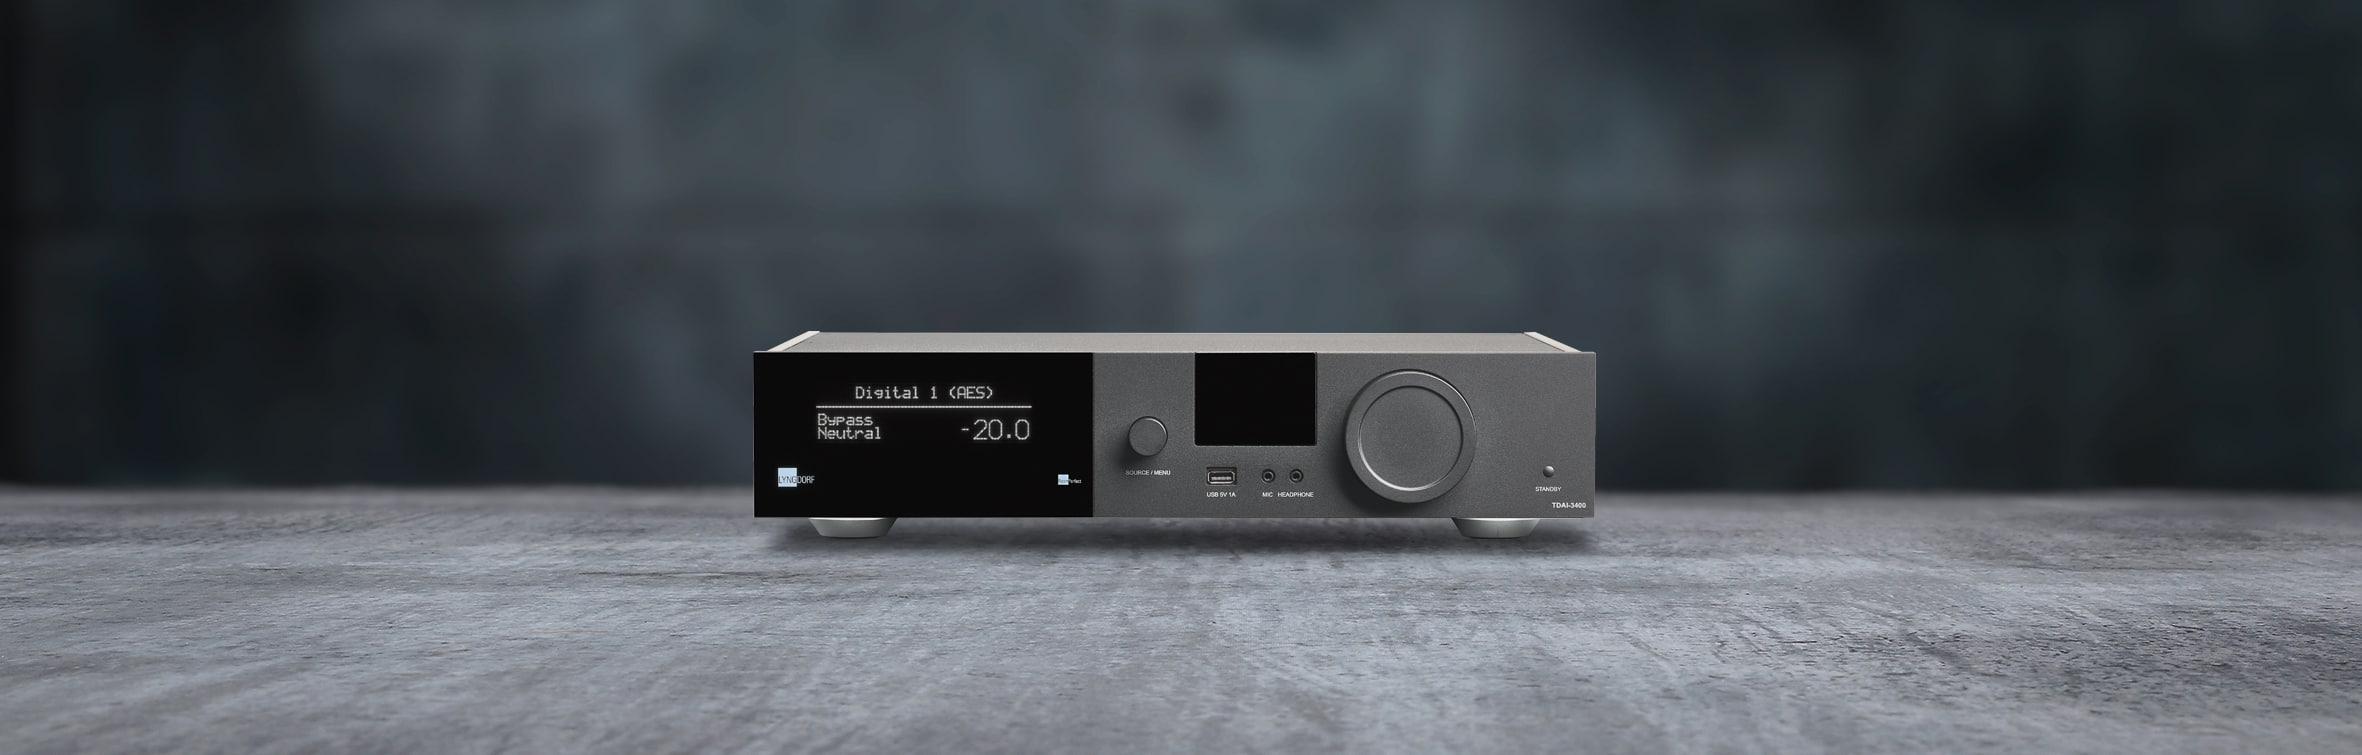 TDAI-3400